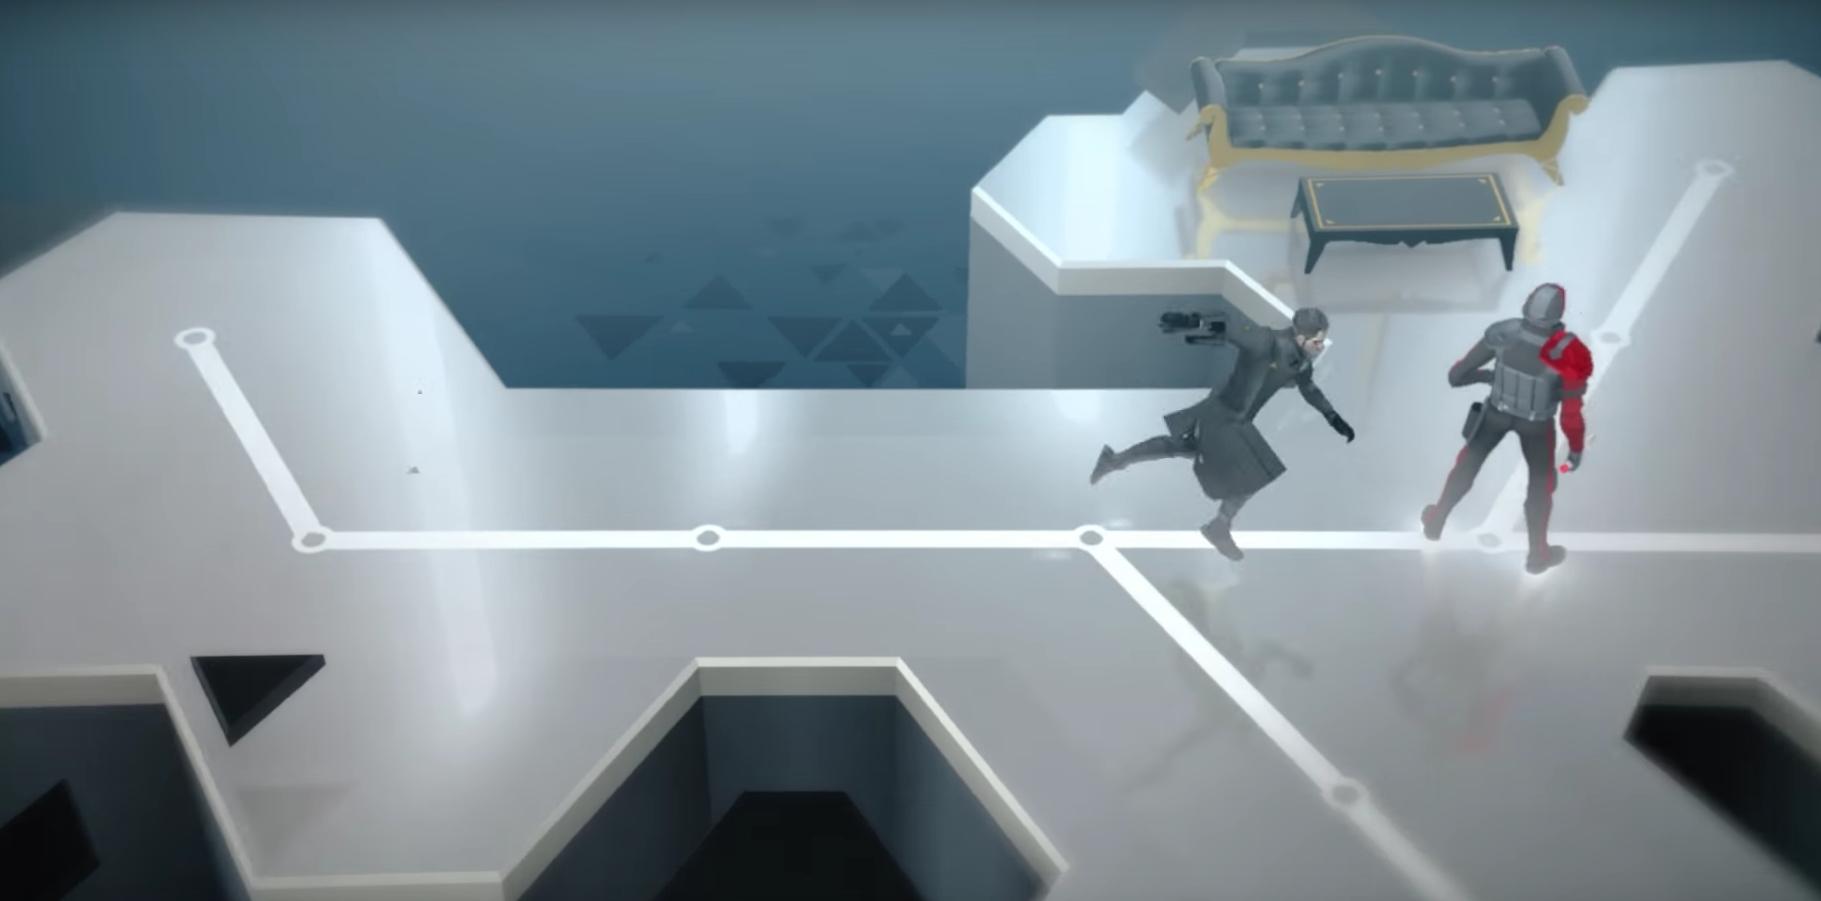 Deus Ex GO, vídeo presentación del juego de puzzles para Smartphones y Tablets